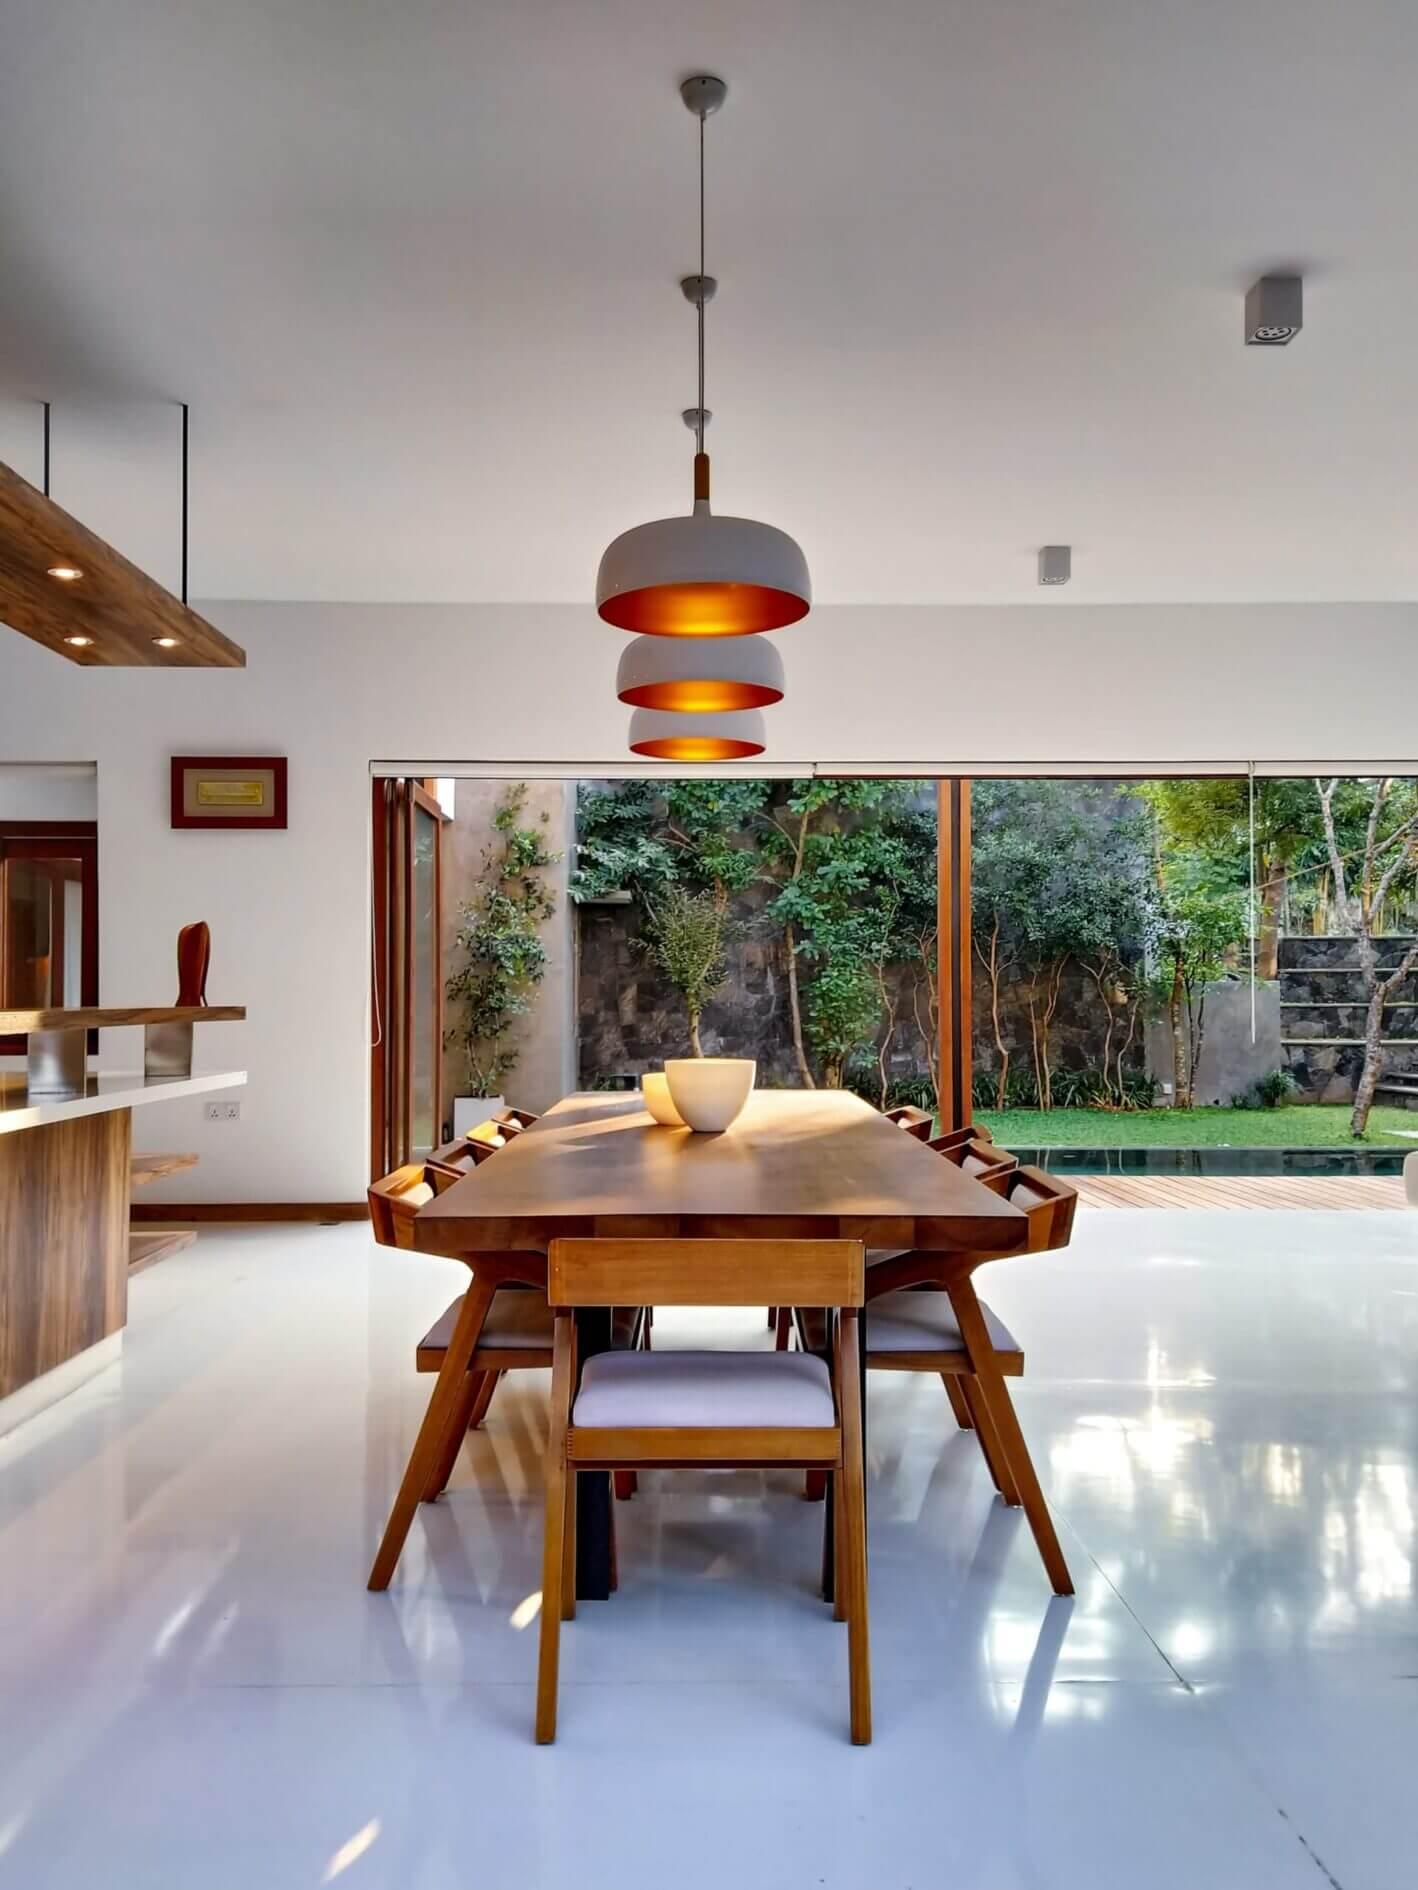 งานรีโนเวทบ้าน รับเหมารีโนเวทบ้าน รับเหมาต่อเติมบ้าน ออกแบบและปรับปรุงบ้าน สร้างบ้าน